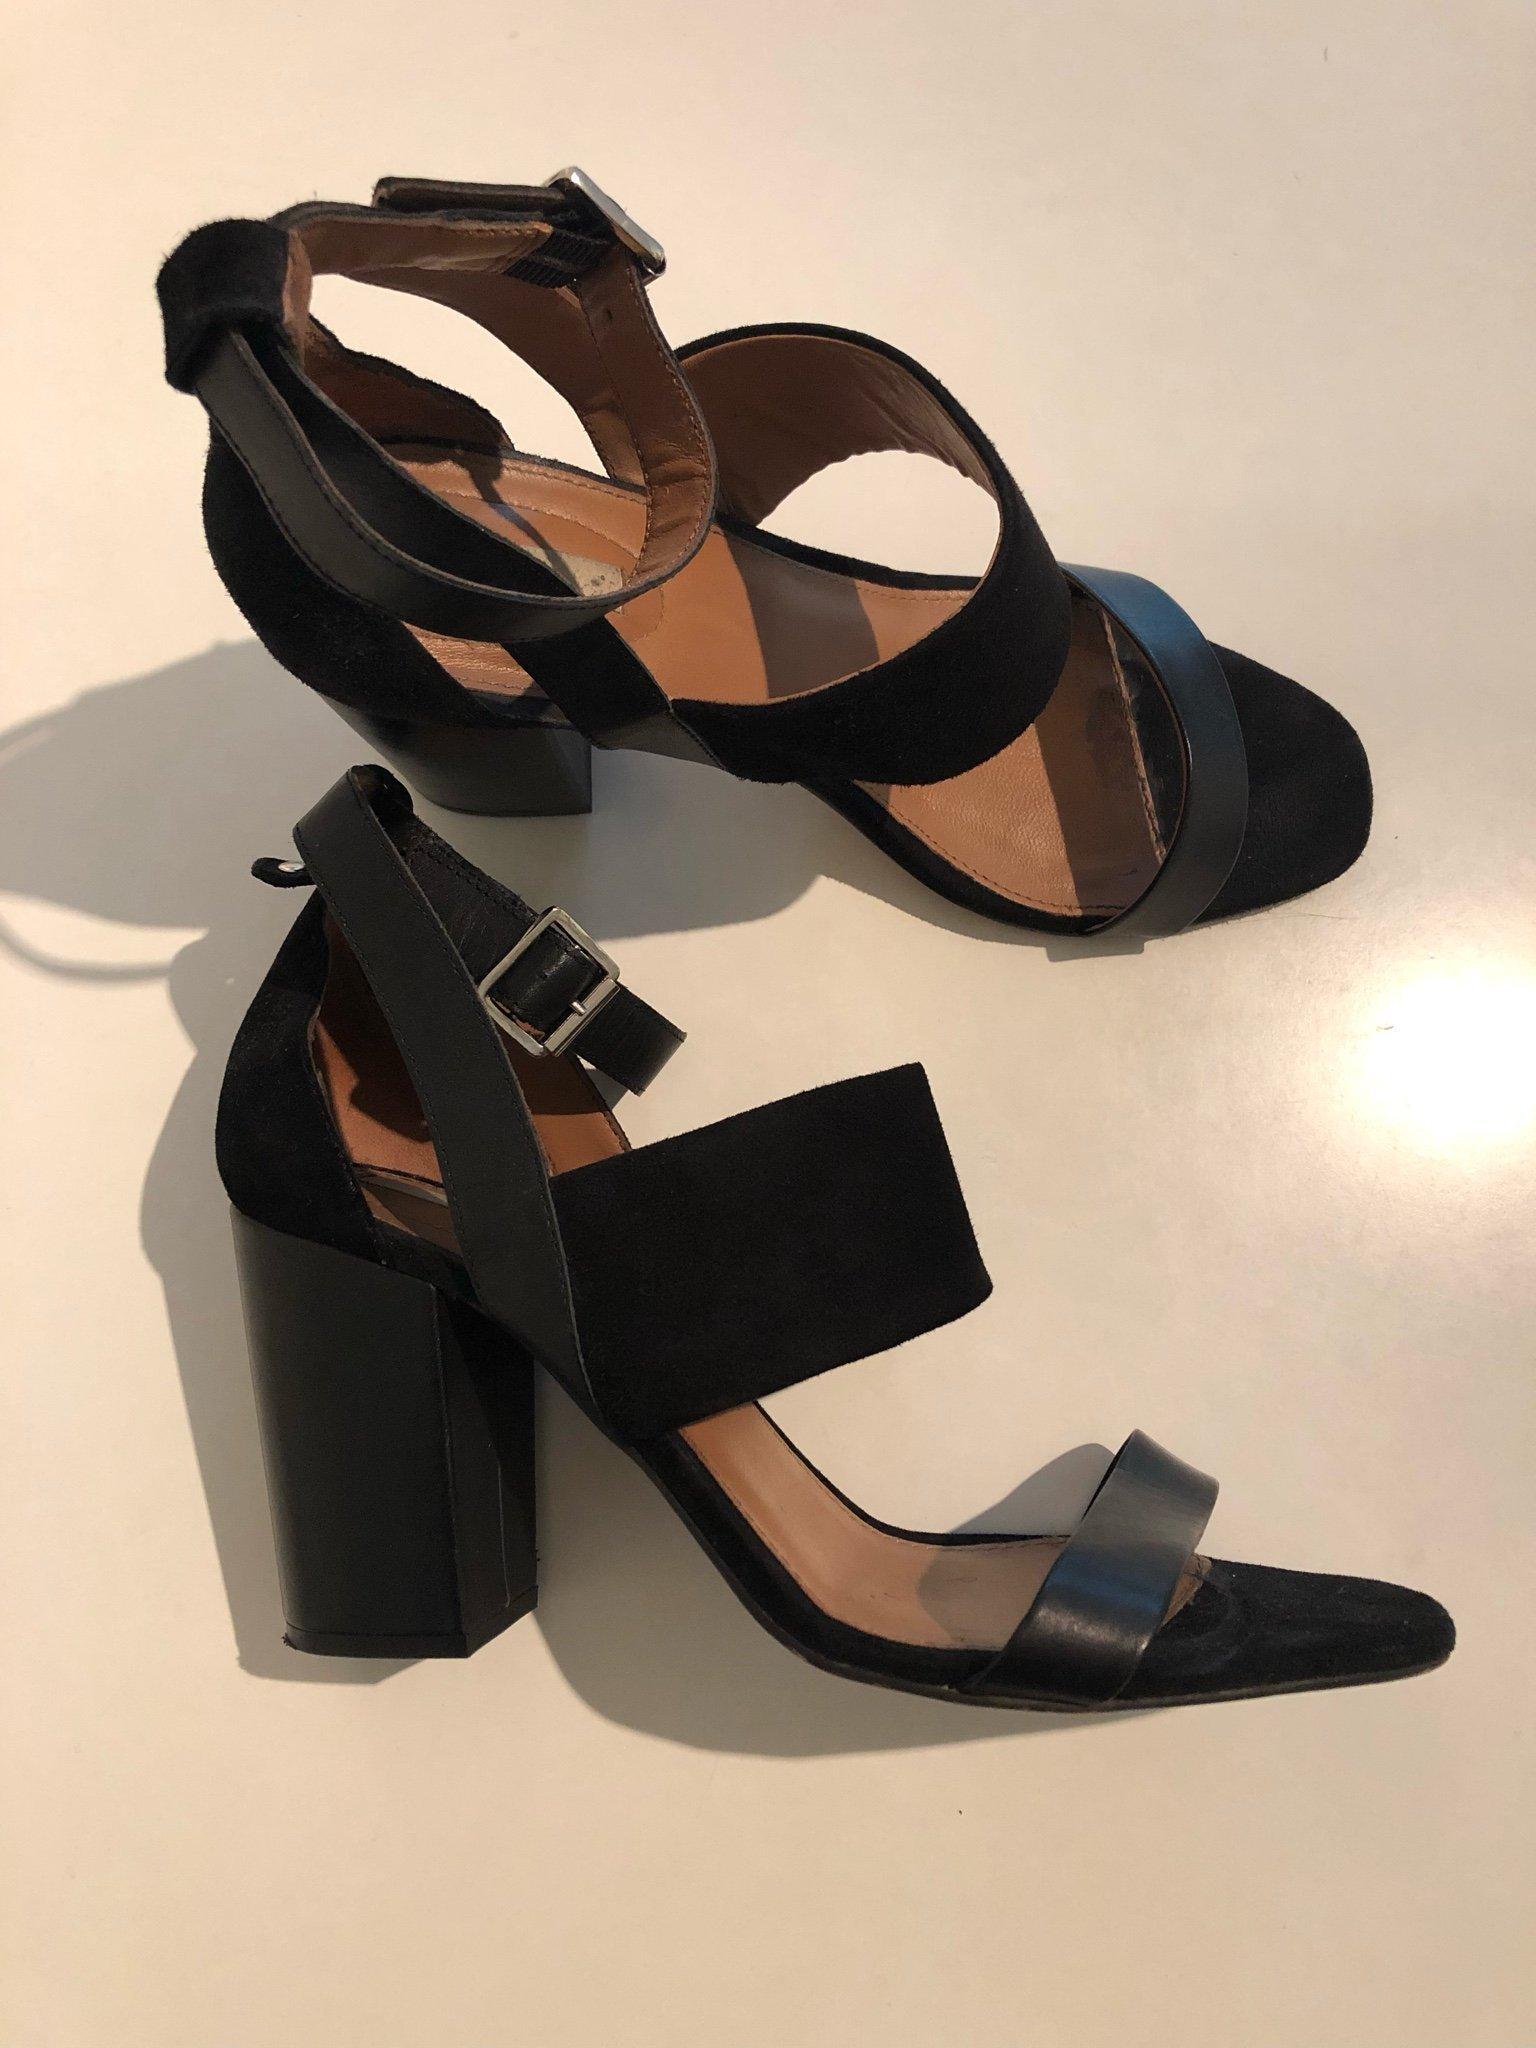 svarta högklackade sandaletter